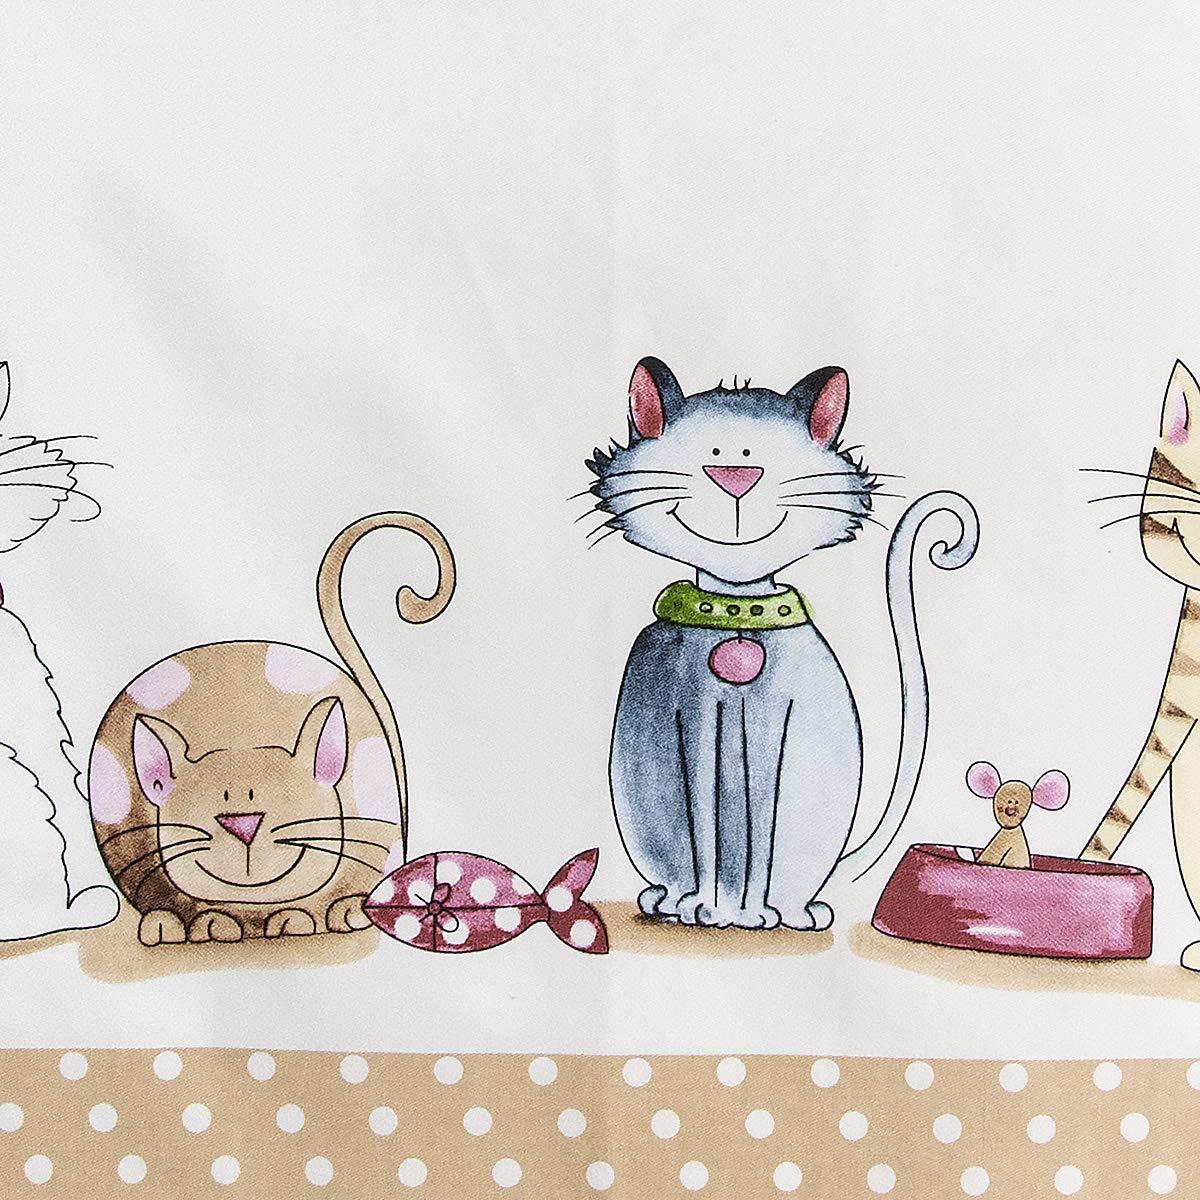 Regalo Originale per Gli Amanti dei Animali SPOTTED DOG GIFT COMPANY Set 2 Strofinacci da Cucina 50 x 70 cm Bel Disegno di Gatti Asciugamani da Cucina in Cotone